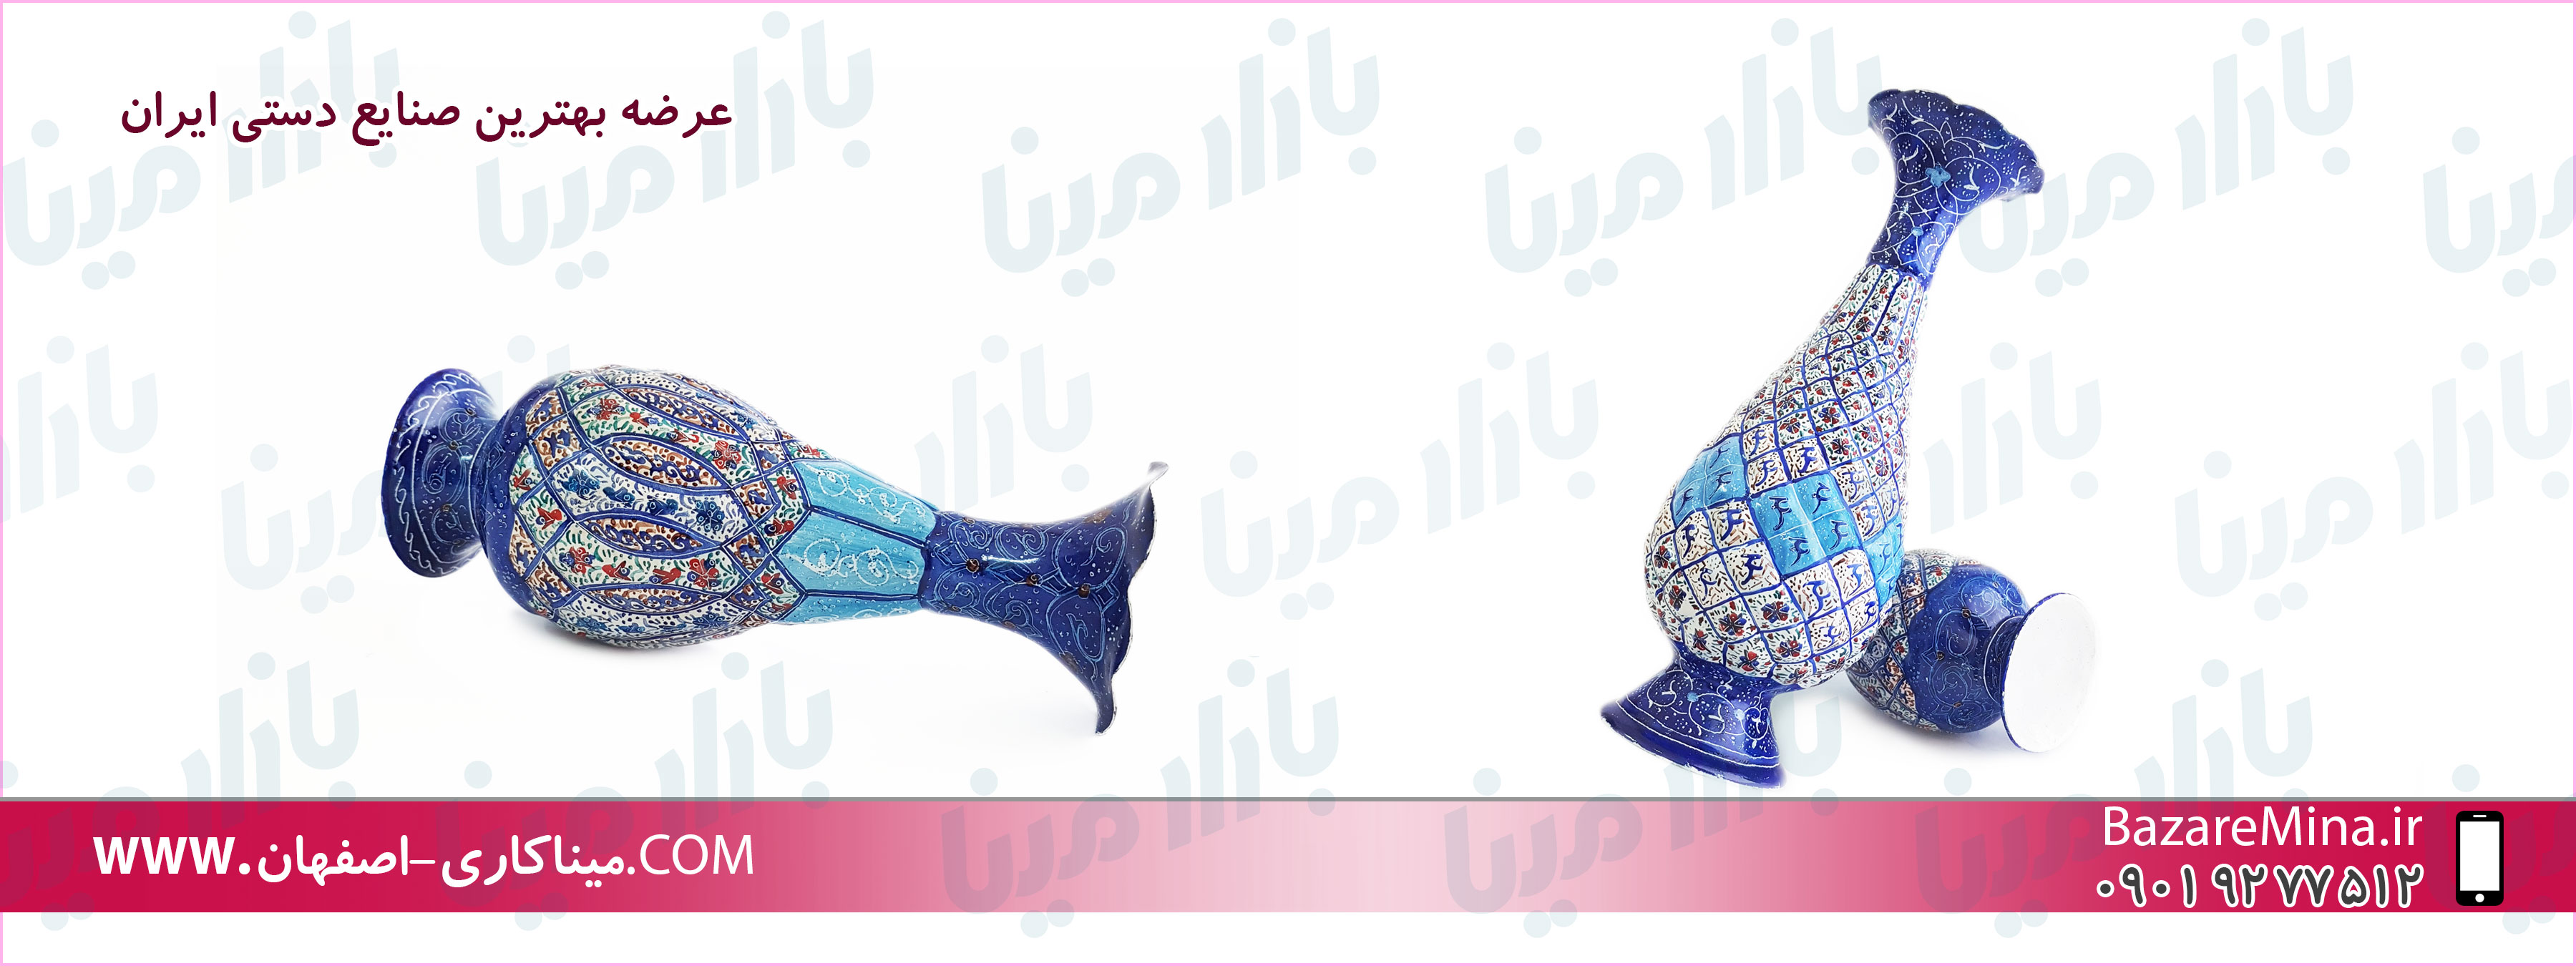 صنایع میناکاری اصفهان